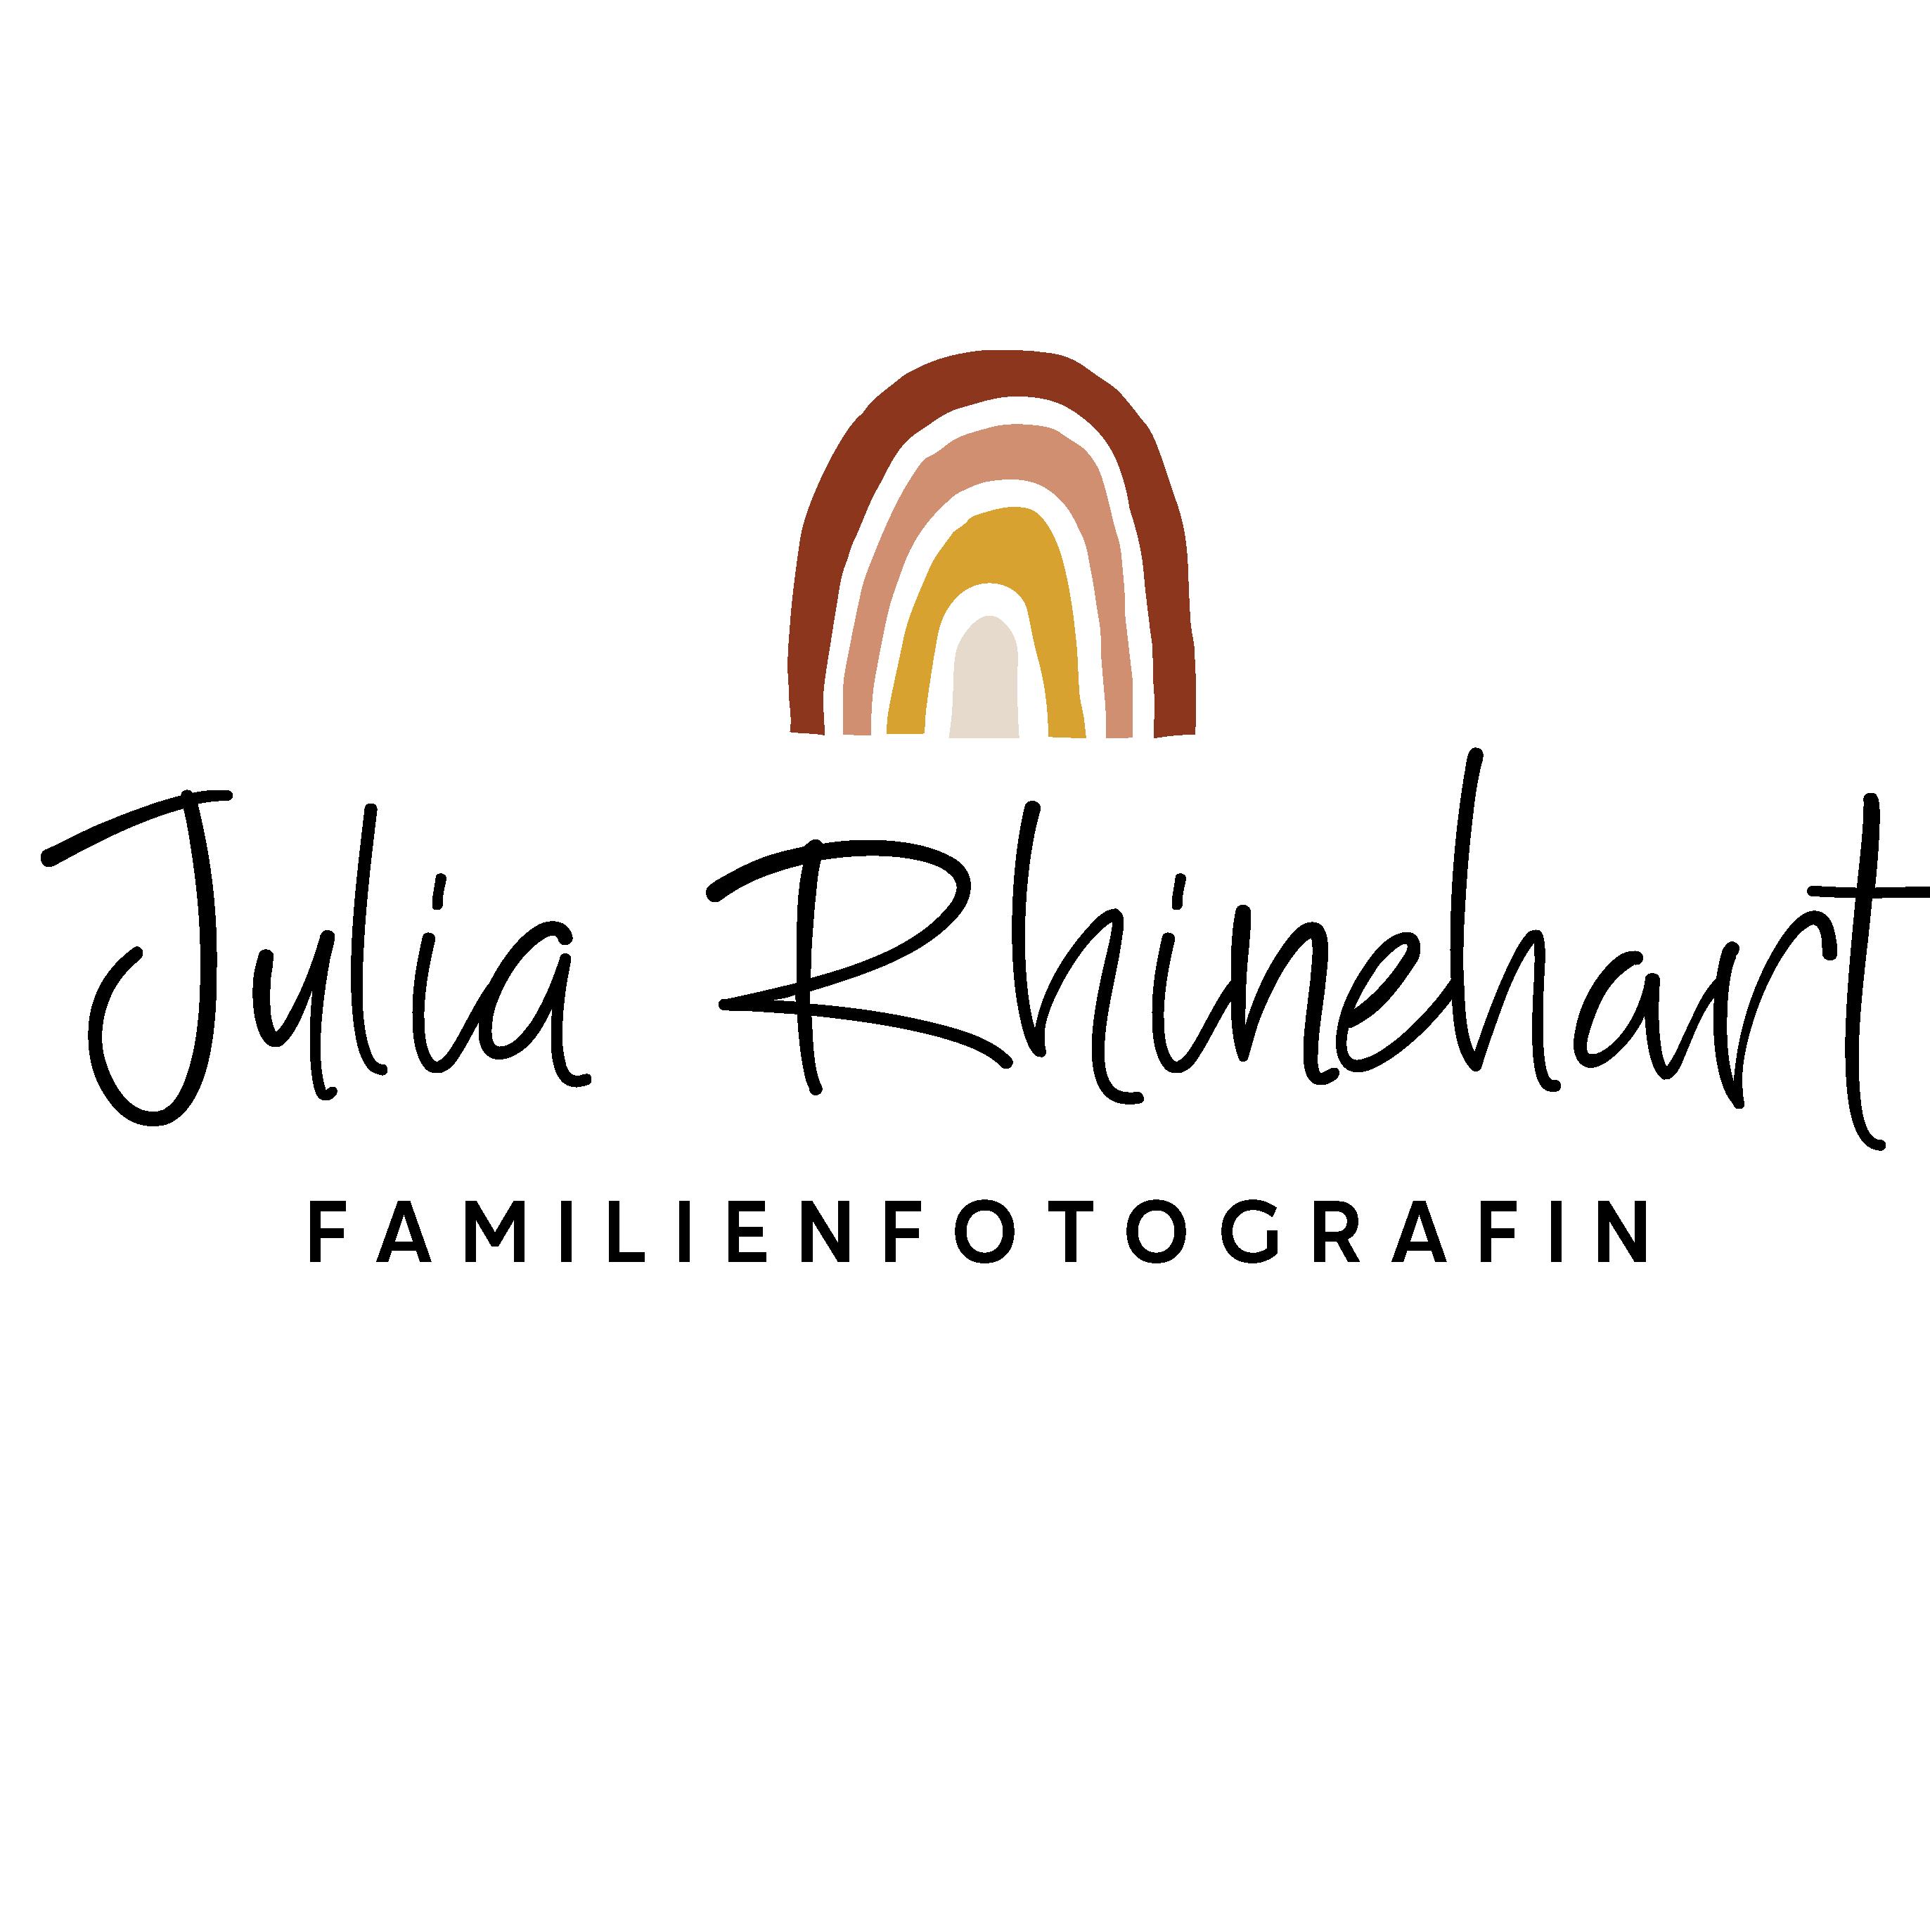 Julia Rhinehart